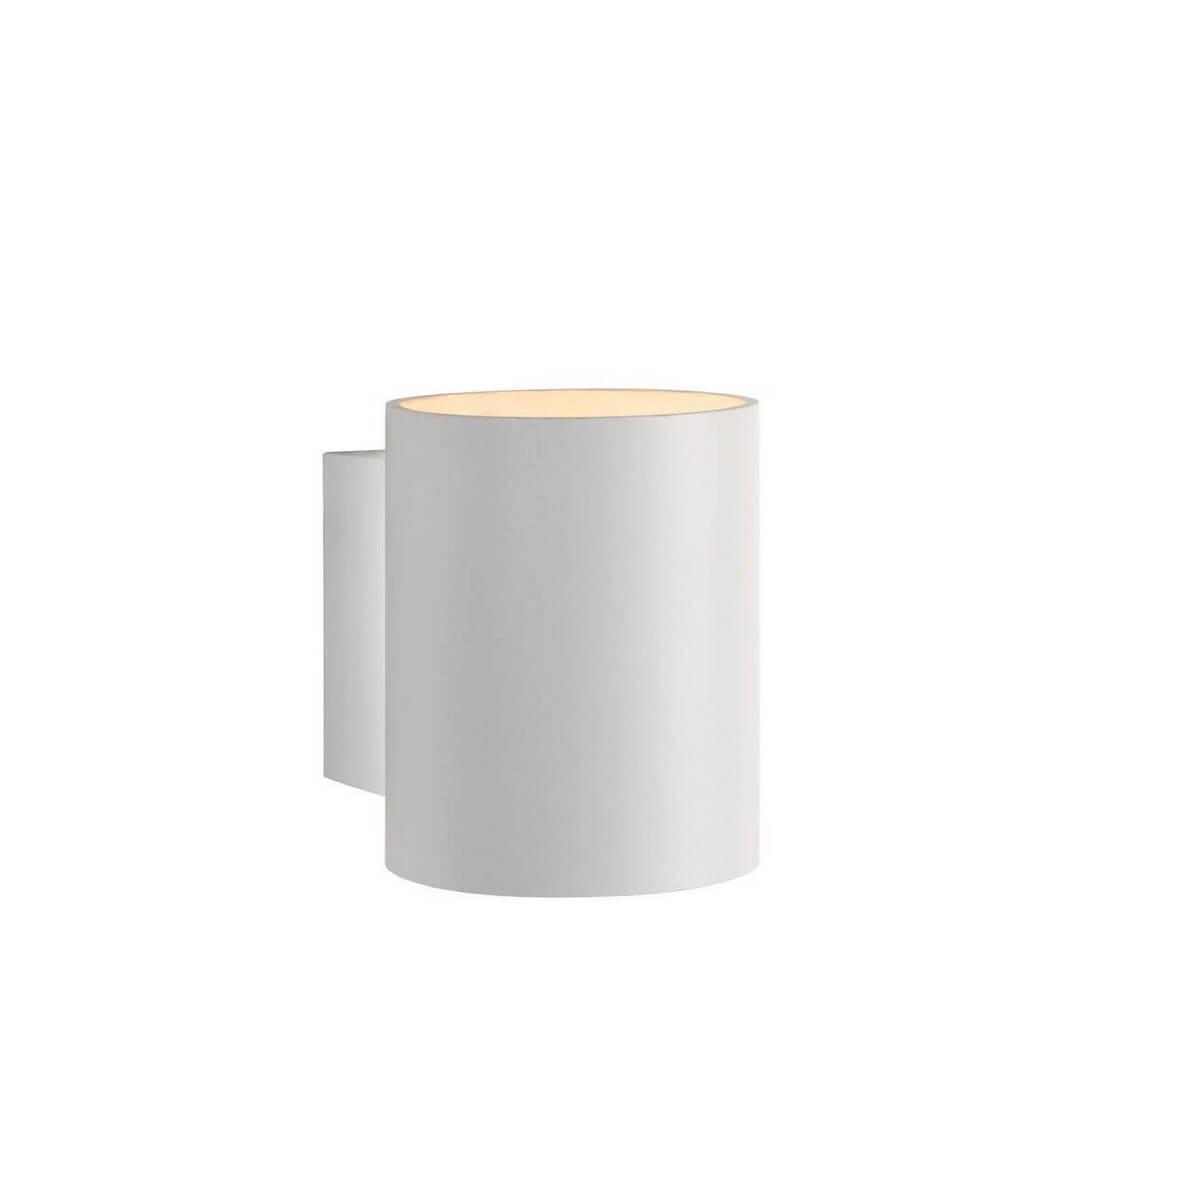 Настенный светильник 23252/01/31, G9, 25 Вт настенный светильник lucide xera 23253 01 30